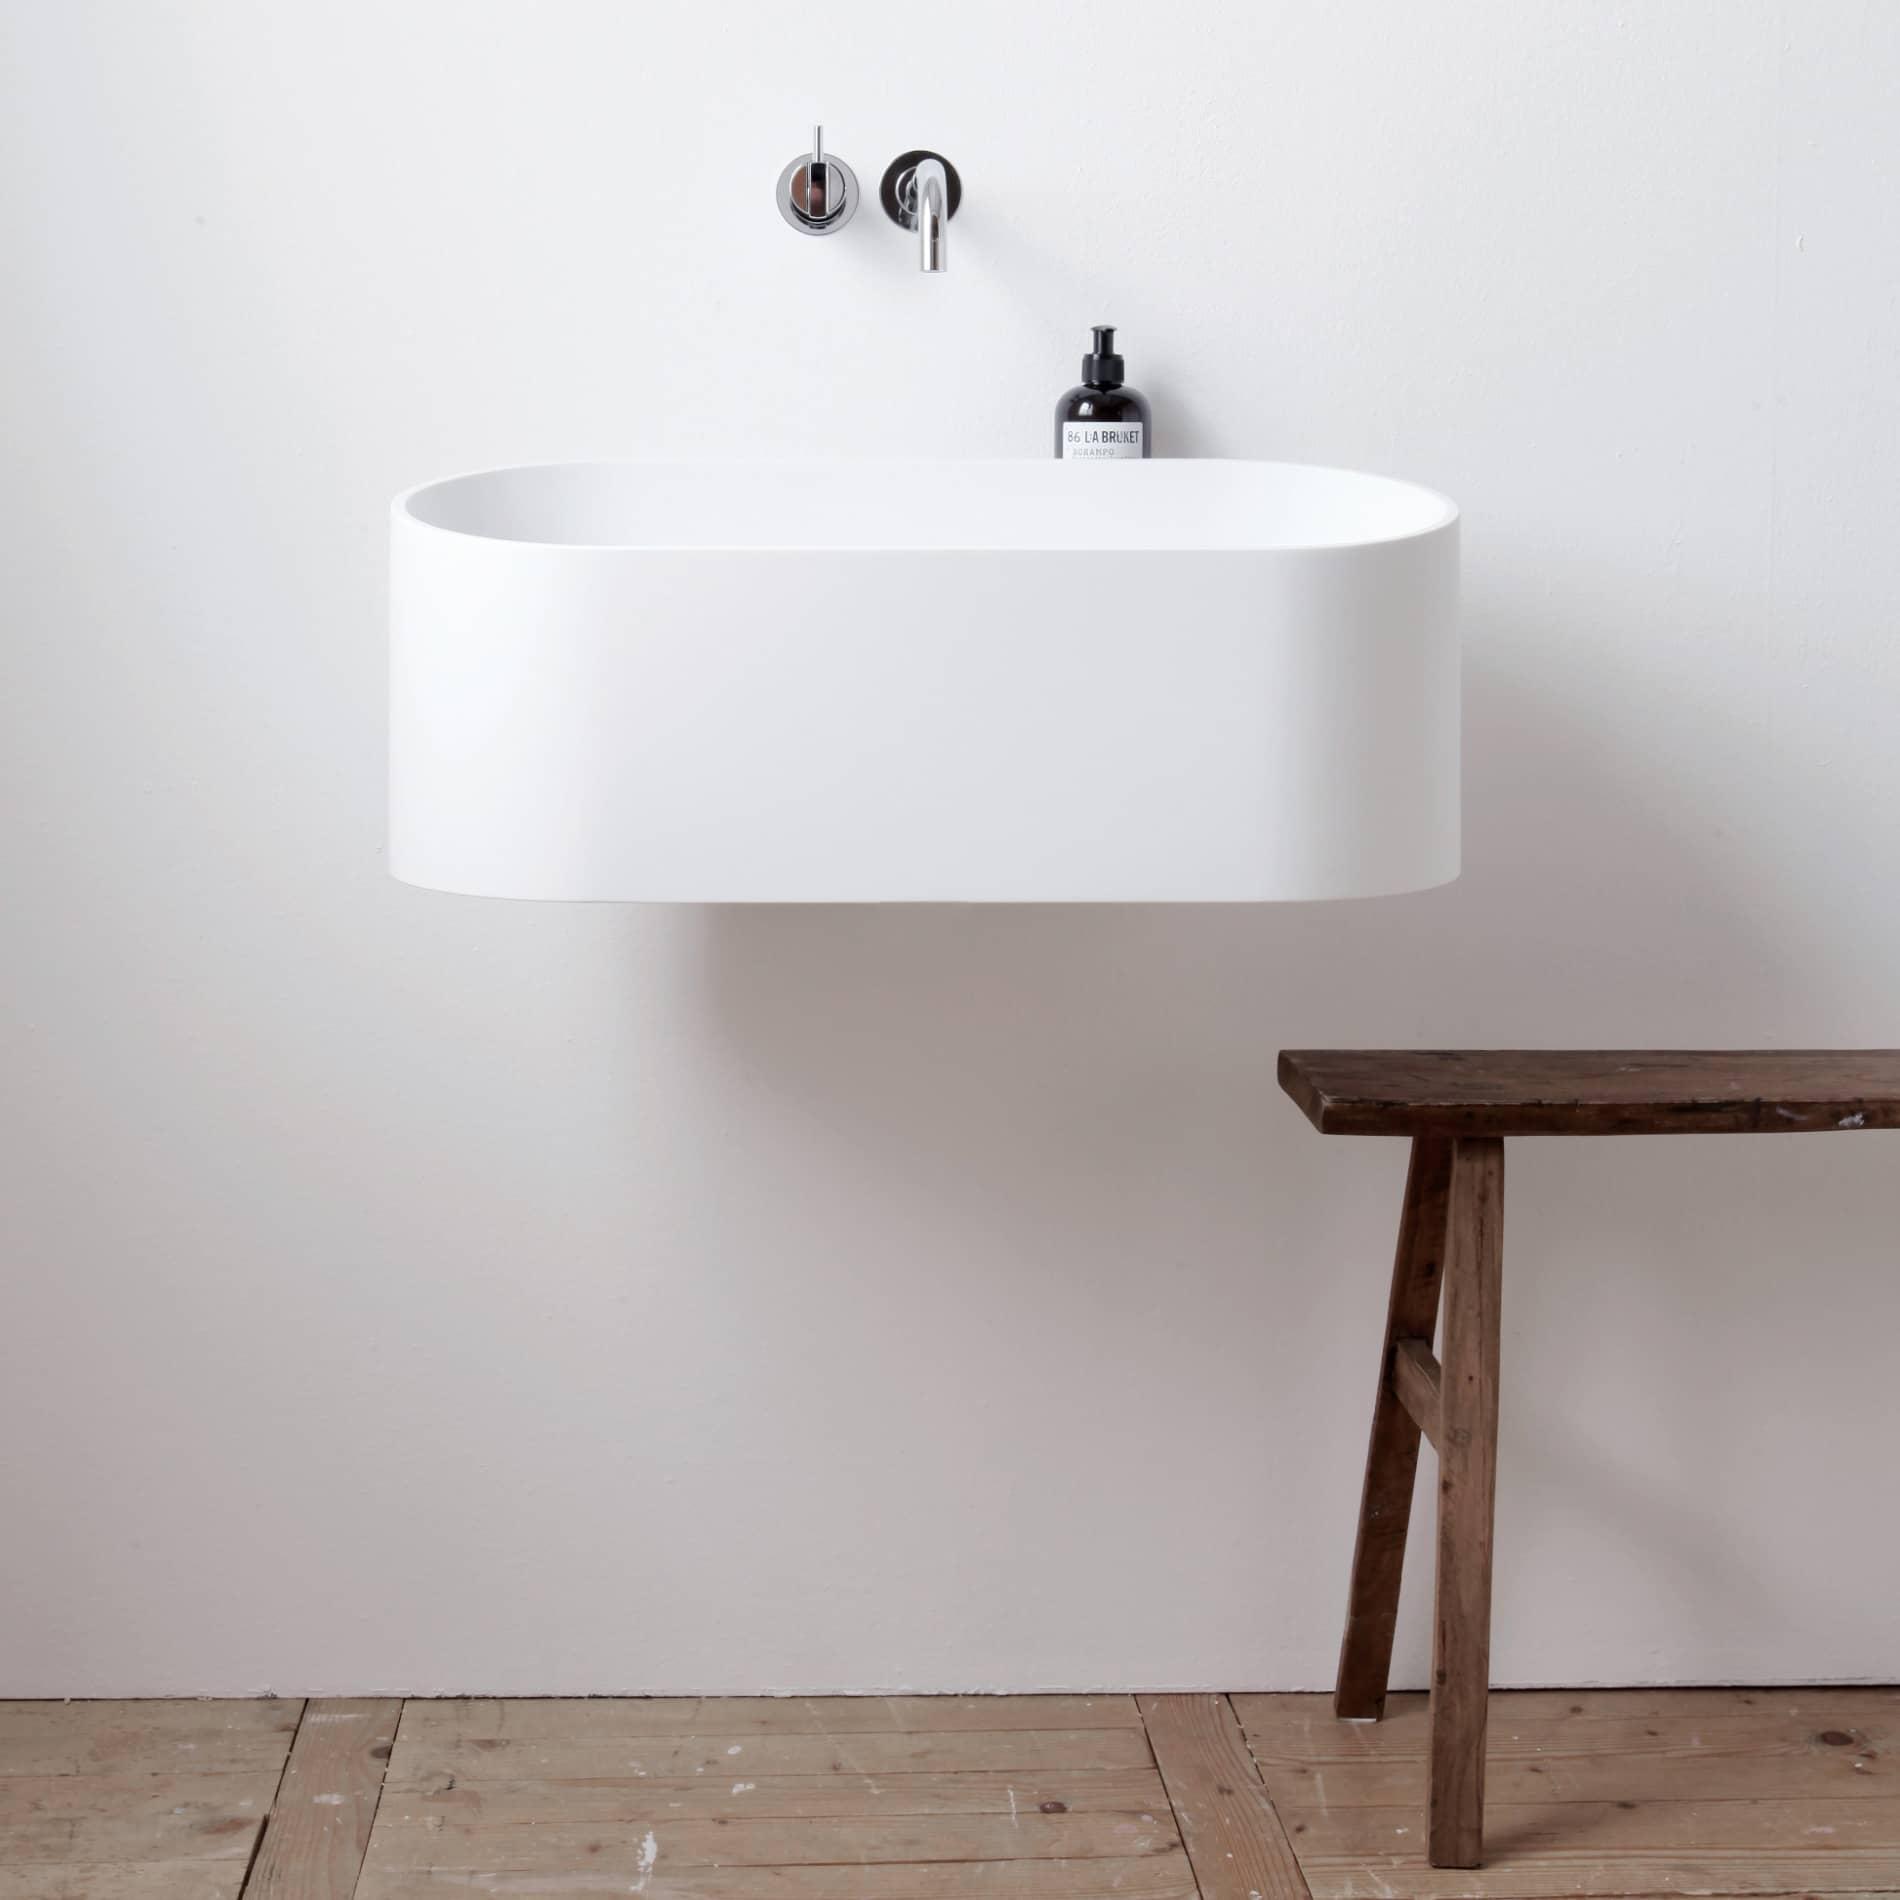 Cristalplant-products-NotOnlyWhite-washbasins-1